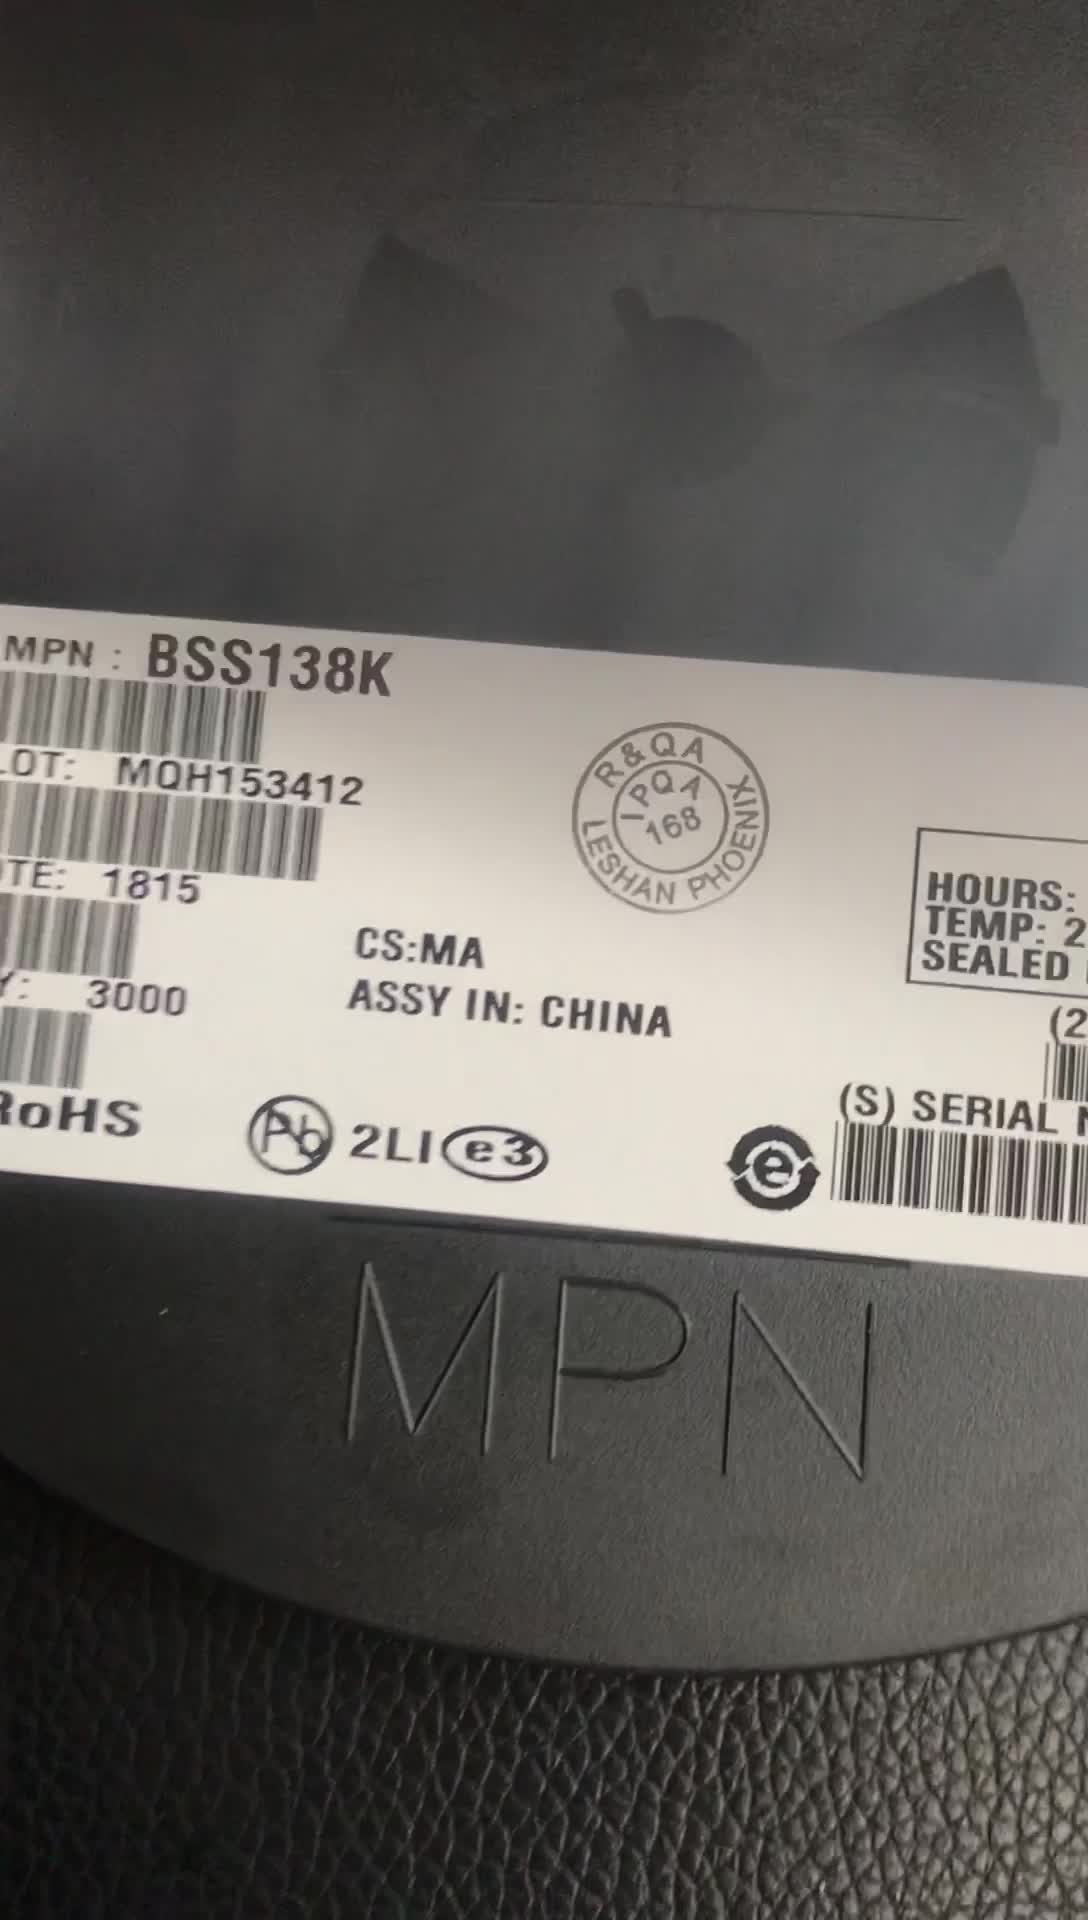 बीओएम सूची बोली एन-चैनल 50 v 220mA 350 mw एसएलके पियक्कड़-23-3 पर BSS138 BSS138k एसएमडी ट्रांजिस्टर